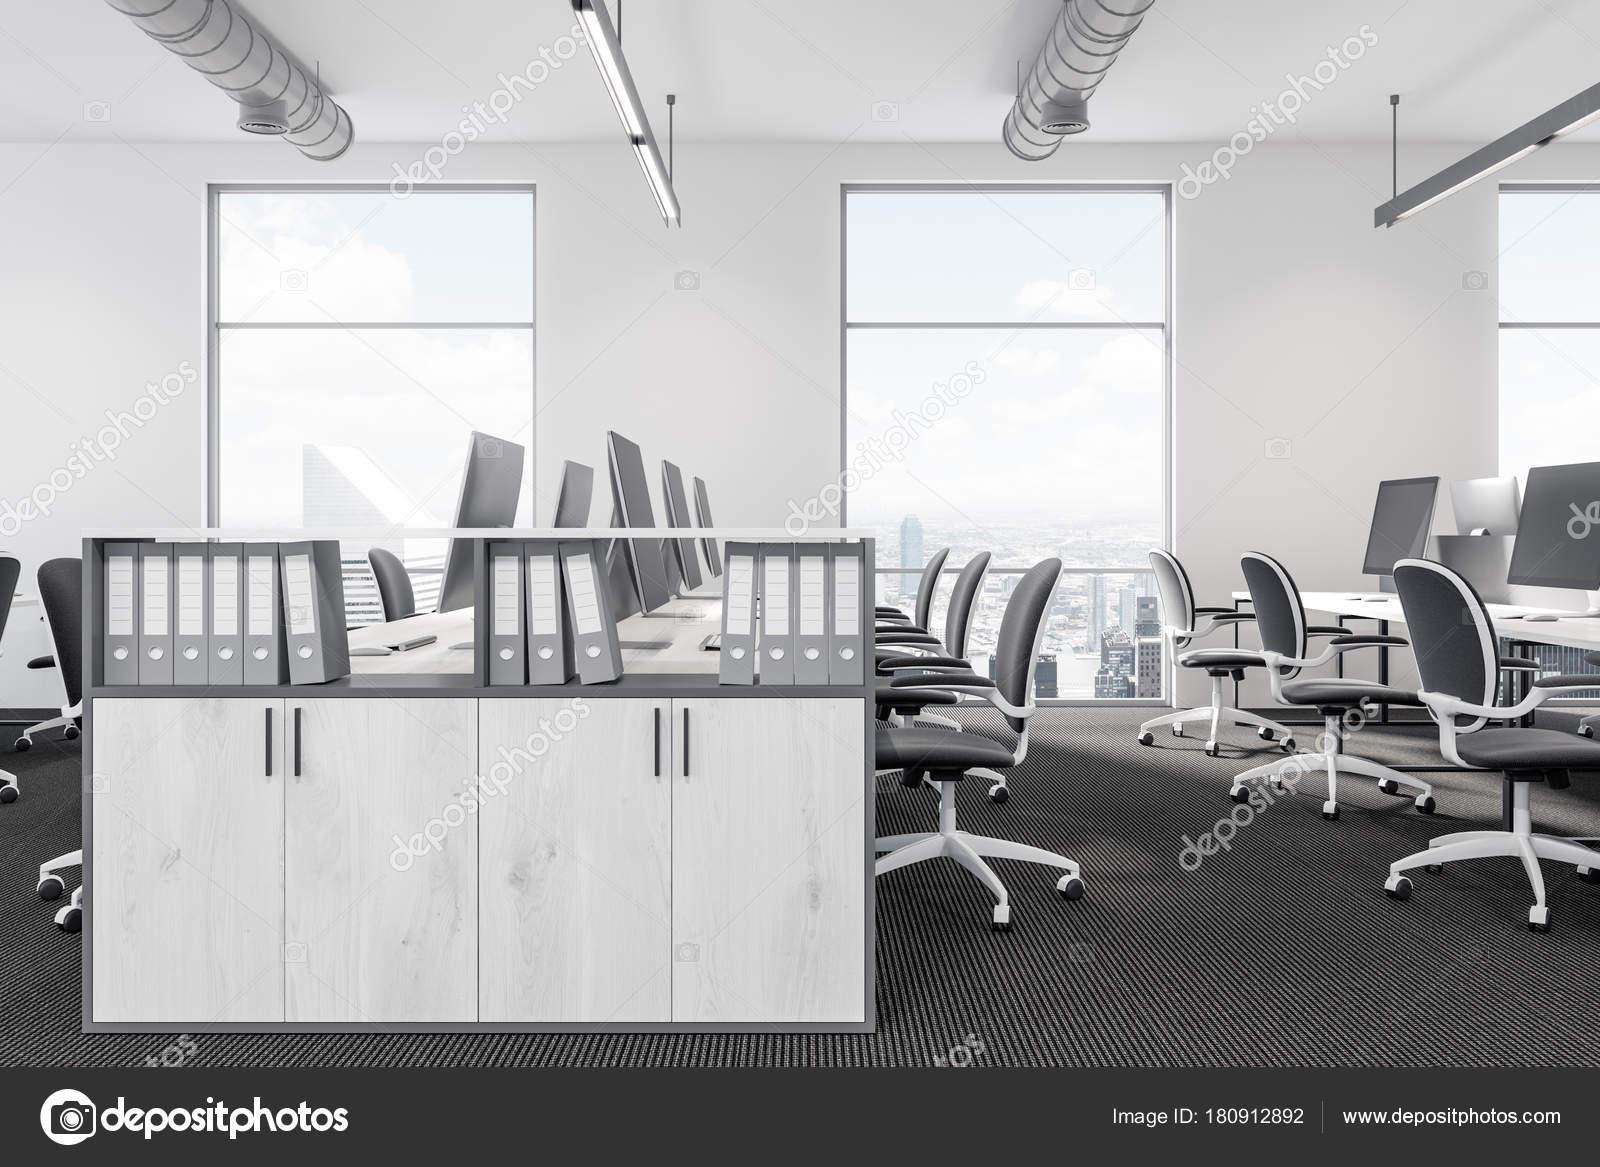 Libreria Ufficio Bianco : Libreria interna ufficio bianco u2014 foto stock © denisismagilov #180912892